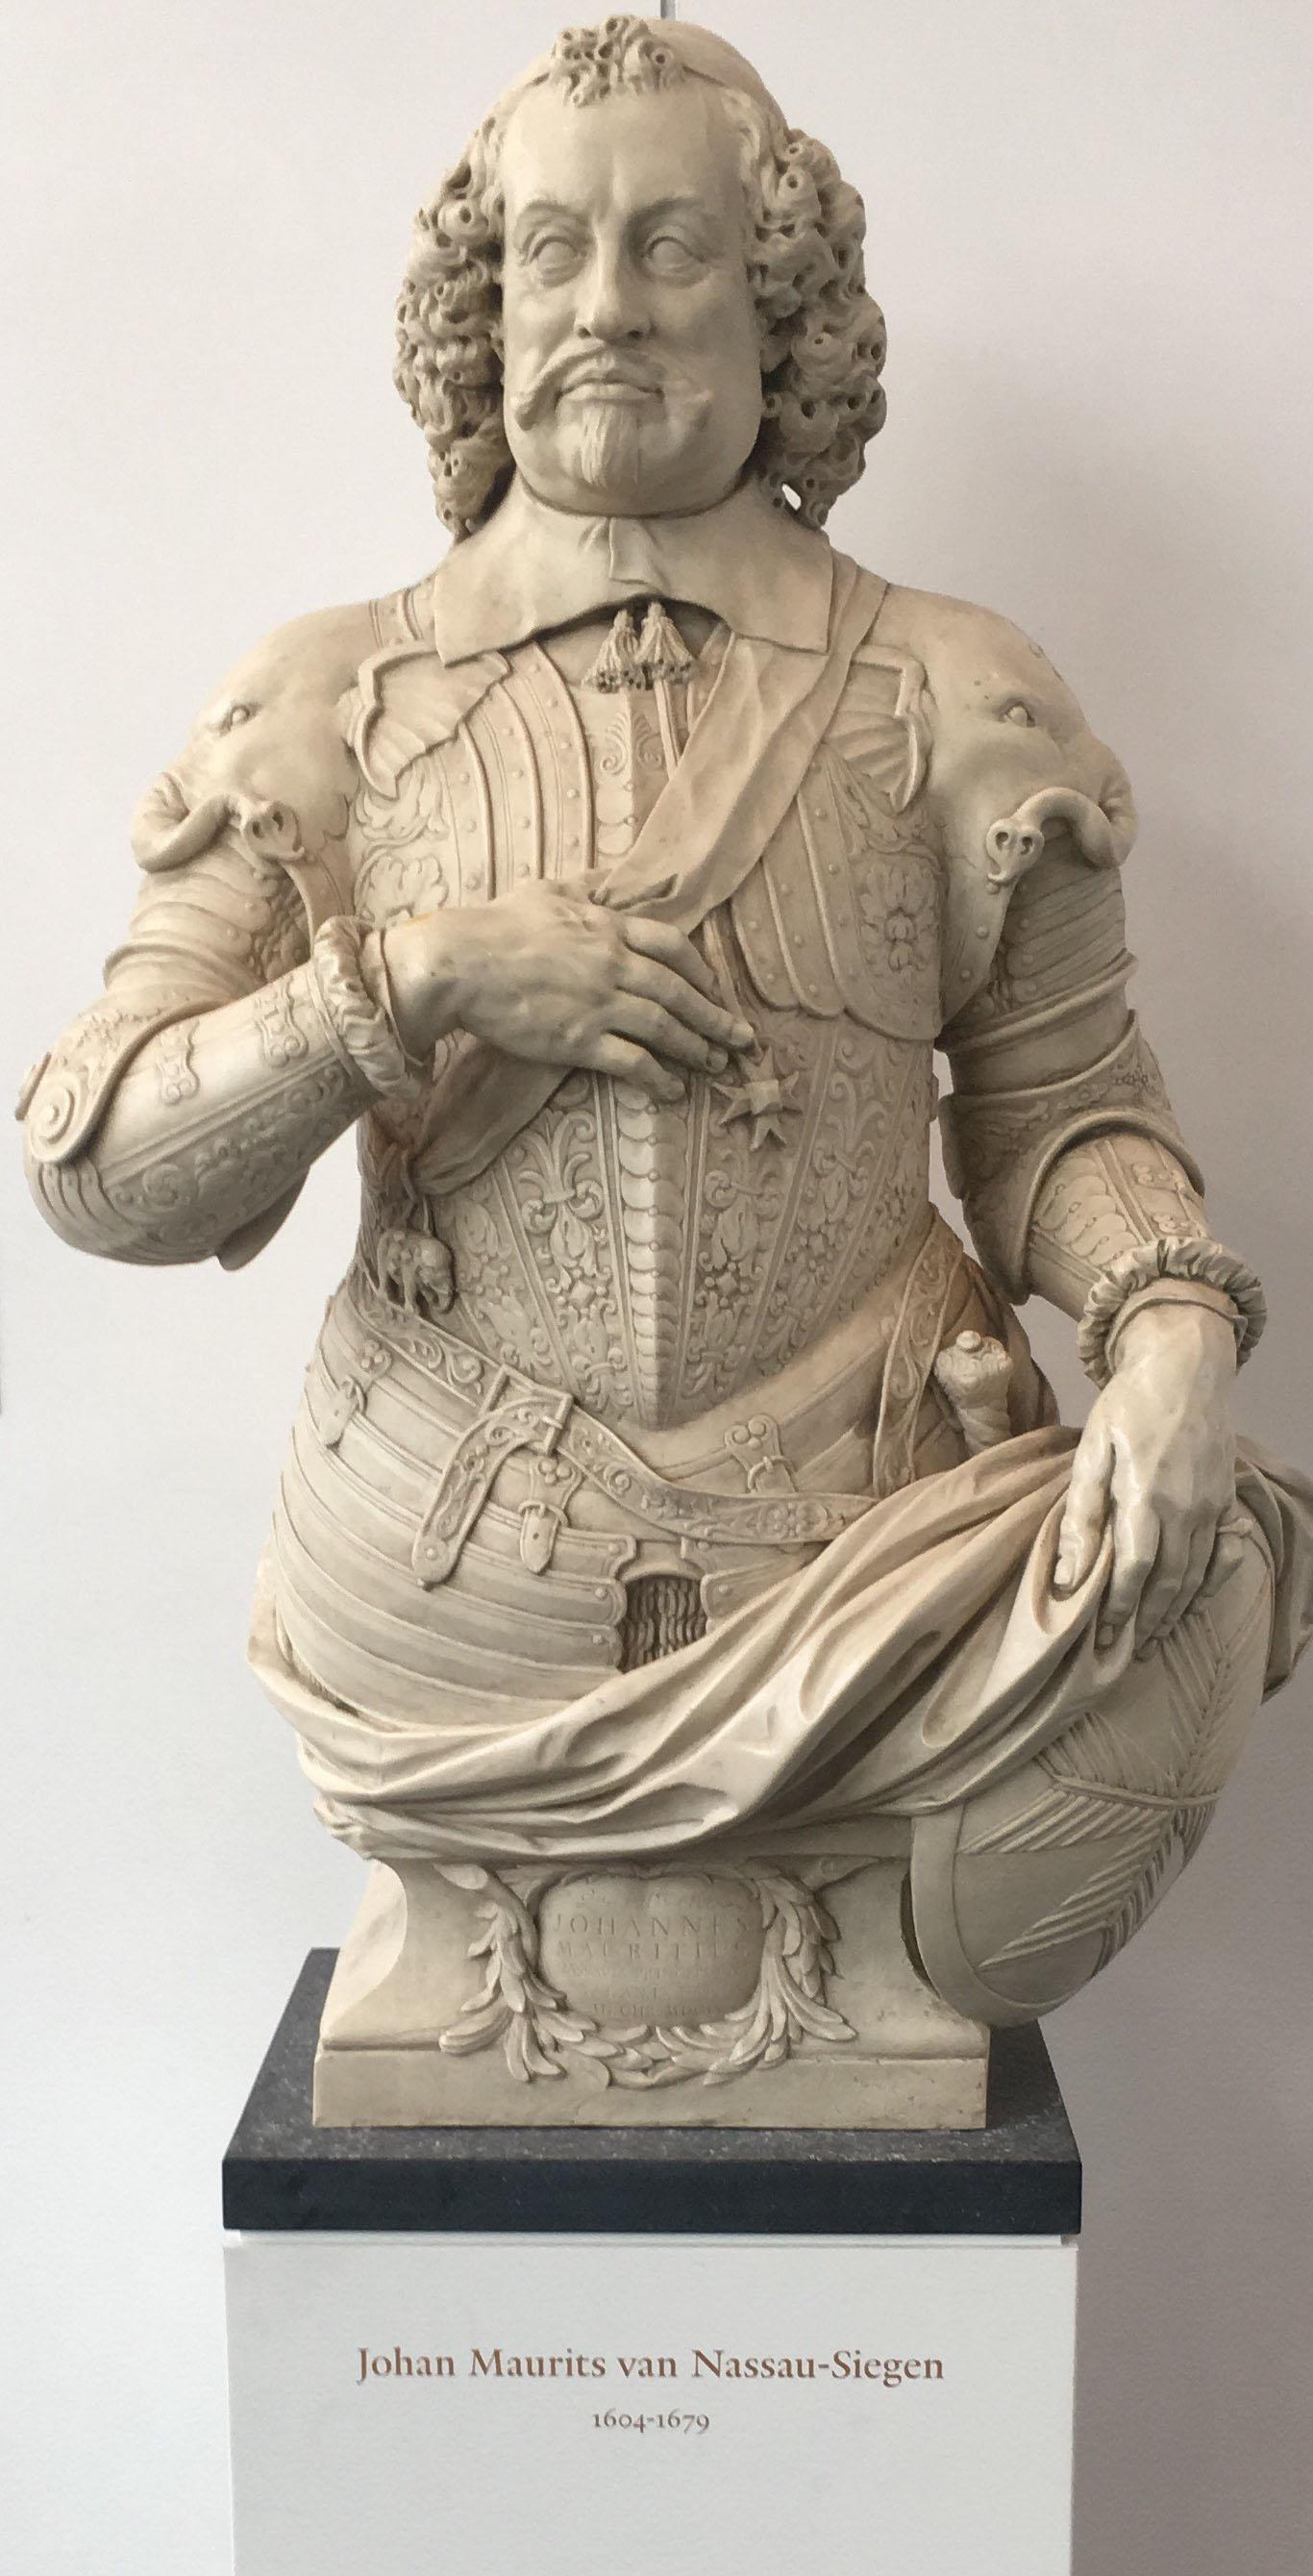 48a53b017 Johan Maurits van Nassau-Siegen (João Maurício de Nassau)